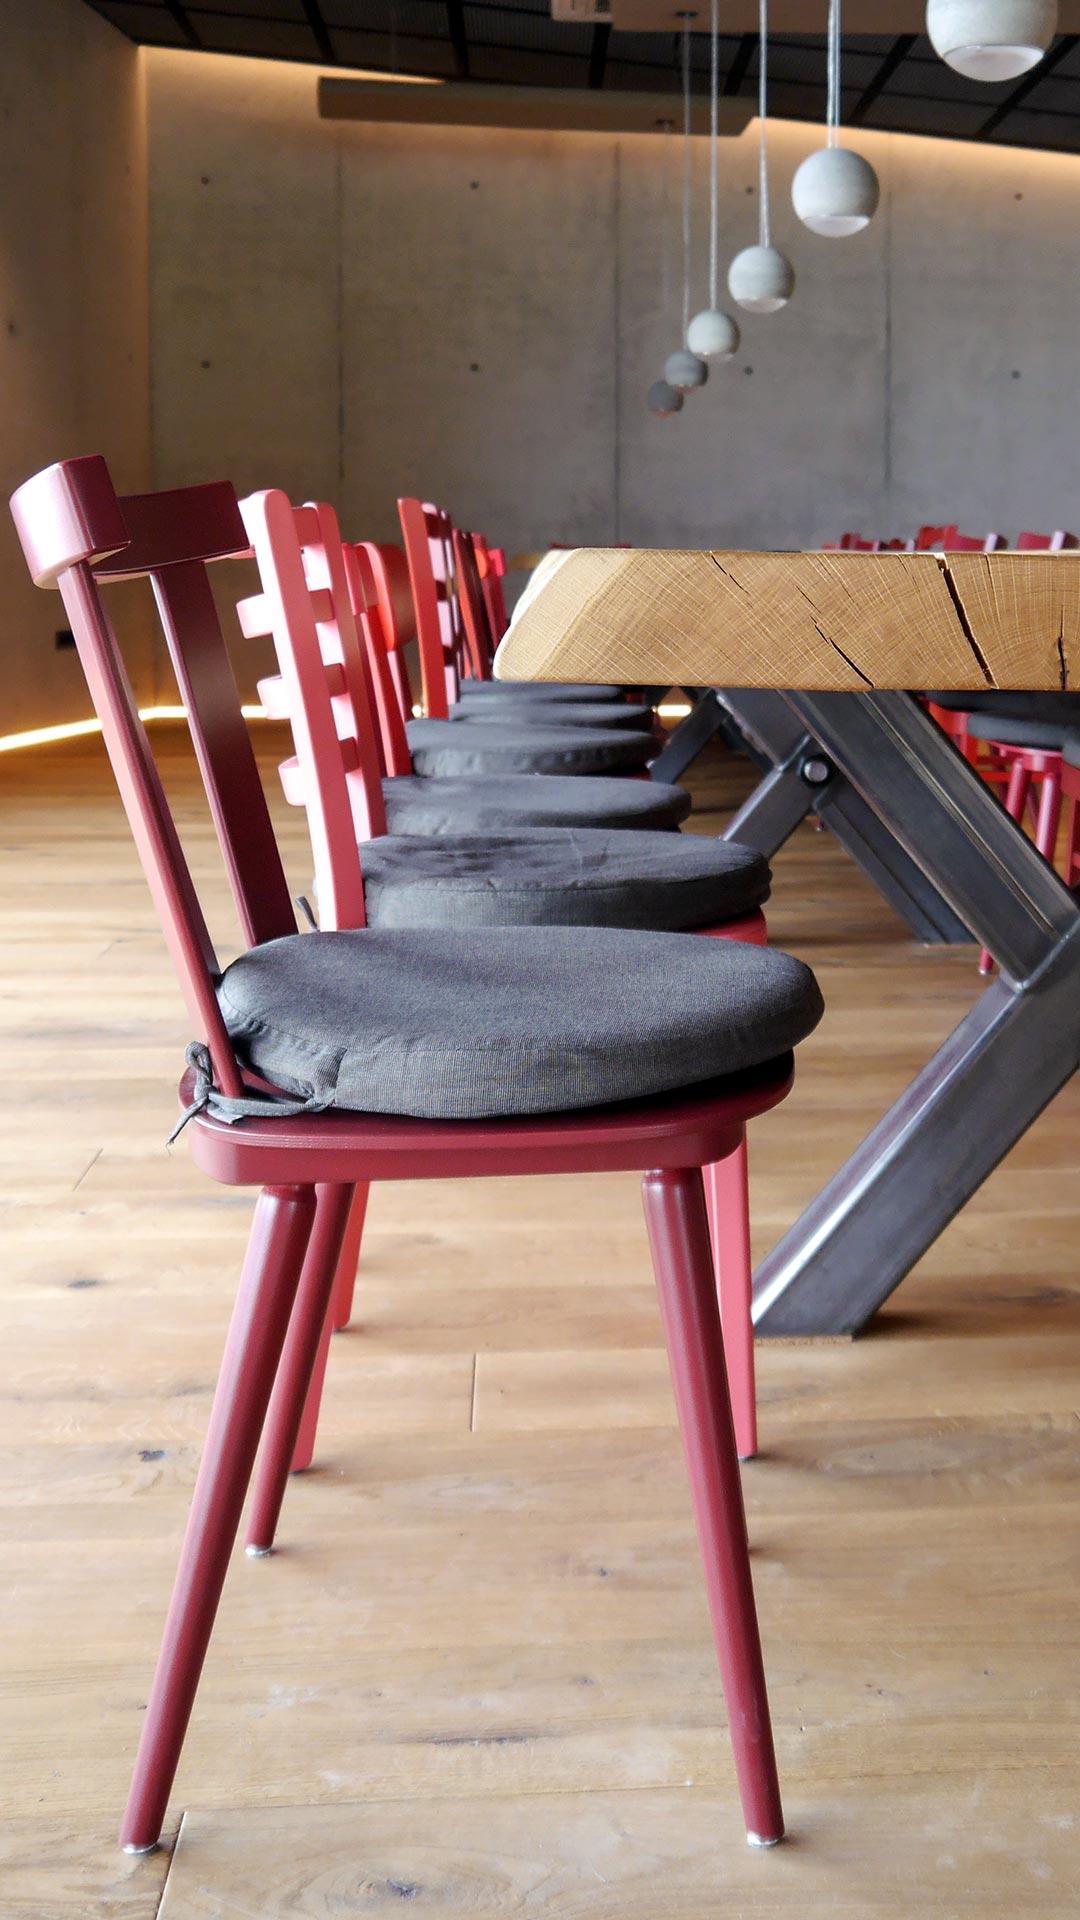 Stühle bieten unzählige Designoptionen in Form, Material, Oberfläche, Polsterung und Farbe